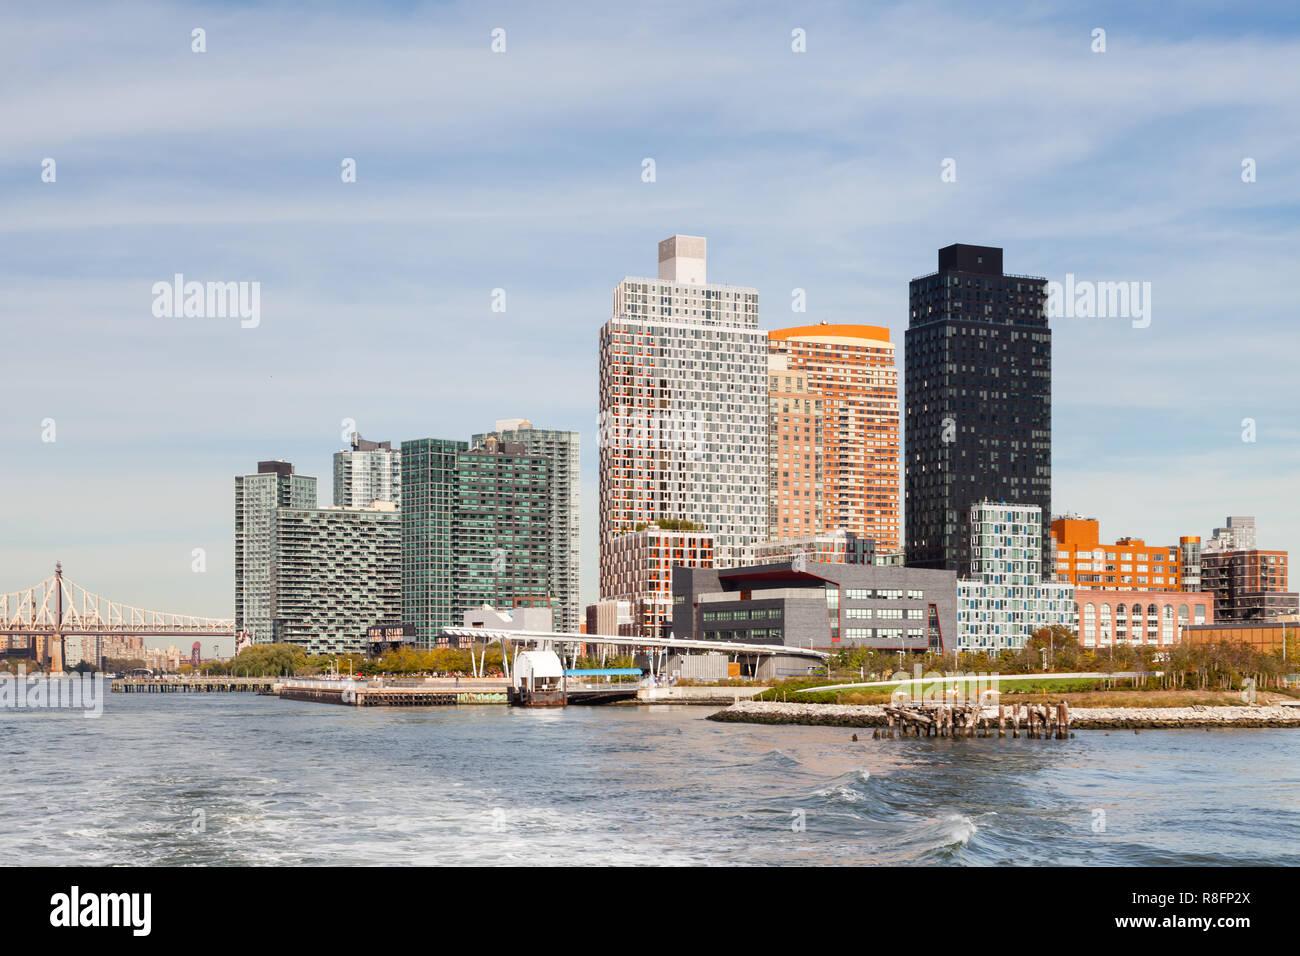 Il cacciatore punto a sud Ferry Terminal. Il cacciatore punto a sud Ferry Terminal in città di Long Island, New York City è visto dalla East River. Immagini Stock